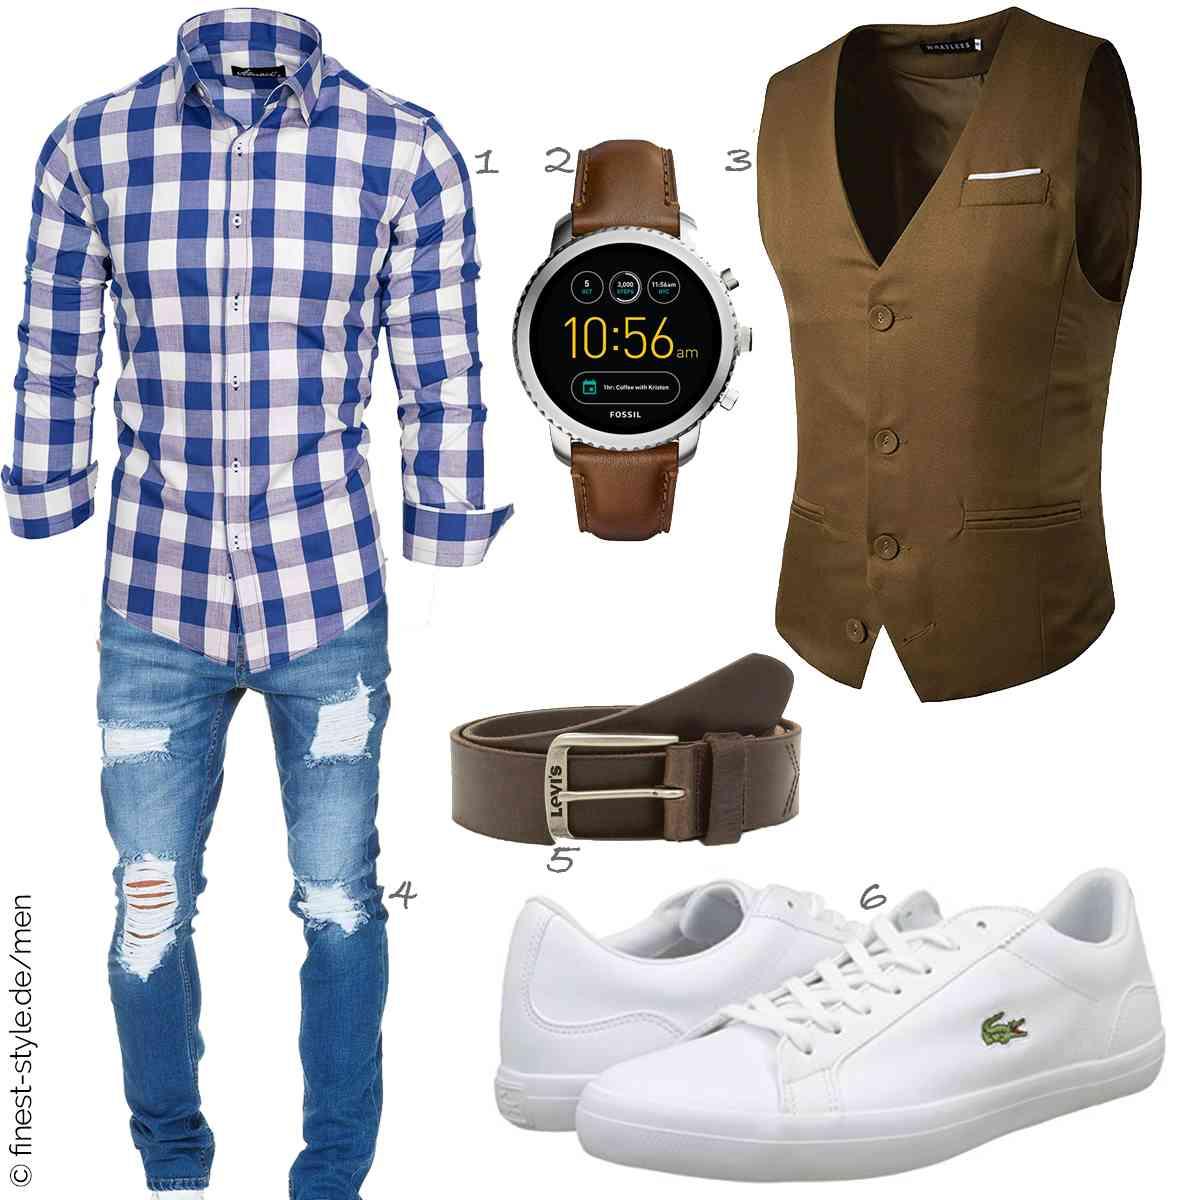 Top Herren-Outfit im Finest-Trend-Style für ein selbstbewusstes Modegefühl mit tollen Produkten von Amaci&Sons,Fossil,WHATLEES,Amaci&Sons,Levis,Lacoste